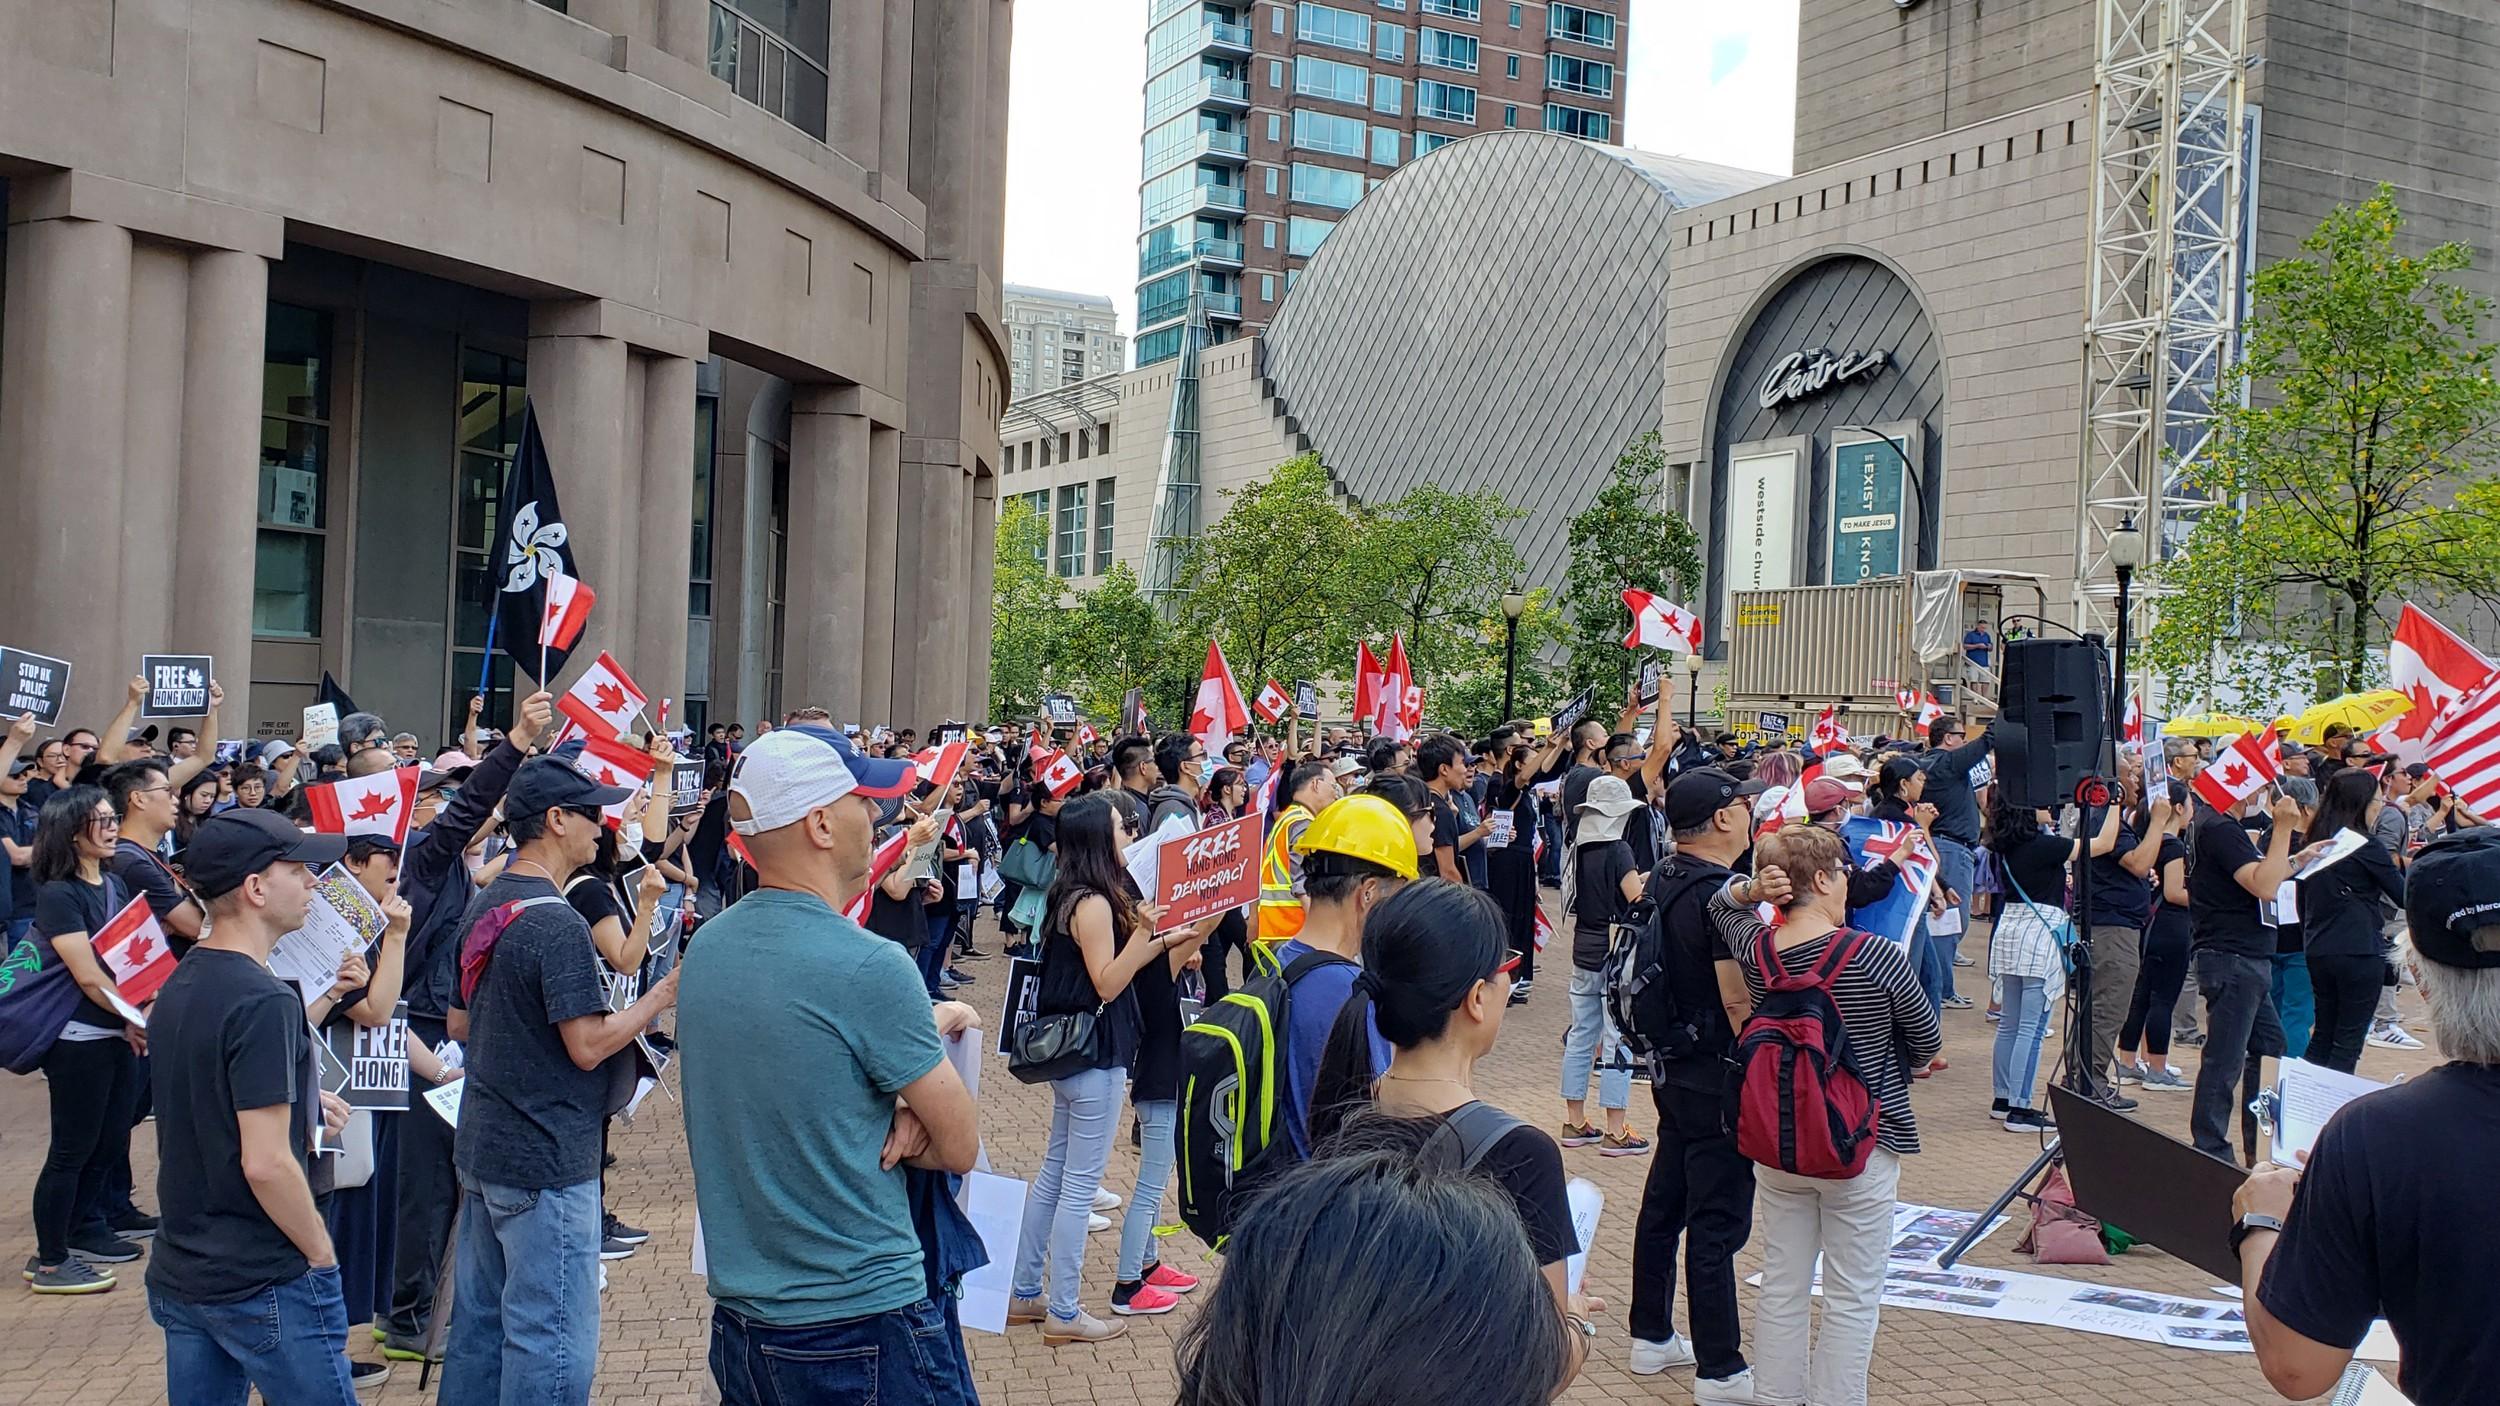 温哥华拯救香港集会活动现场。(柳飞拍摄)